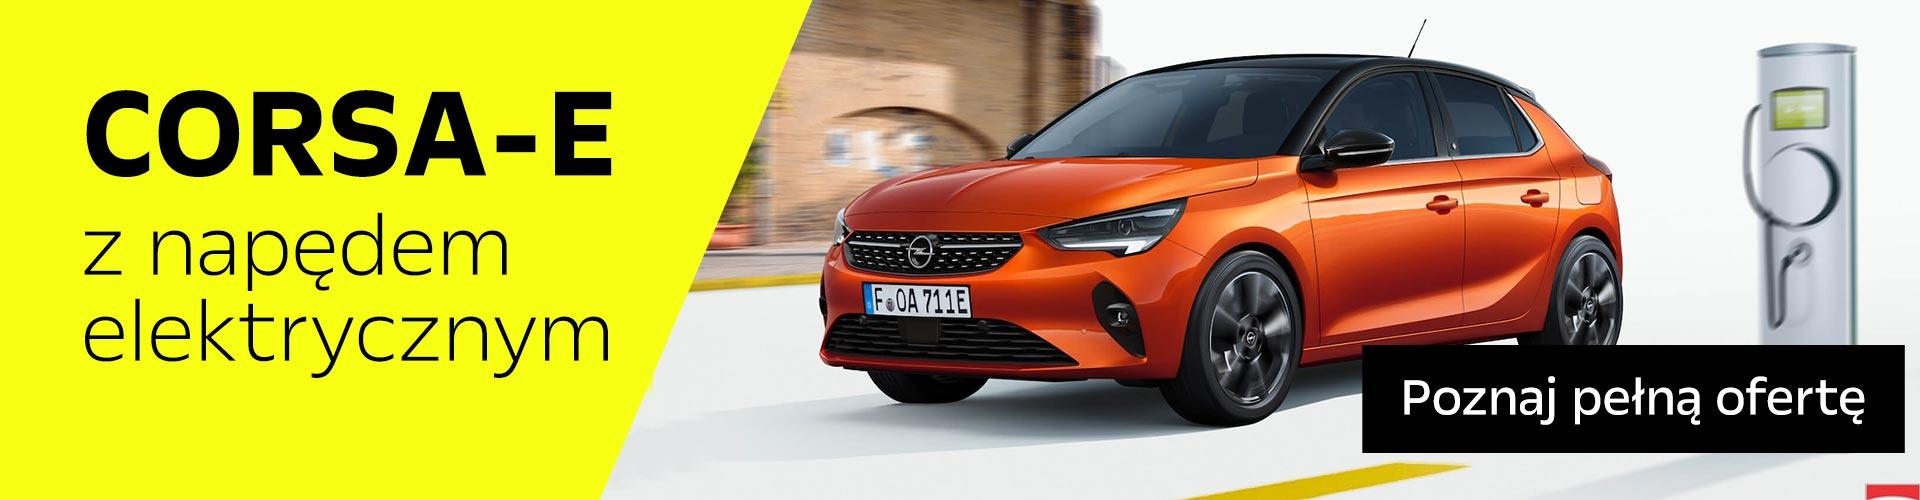 opel-2021-corsa-e-samochod-elektryczny_miejski